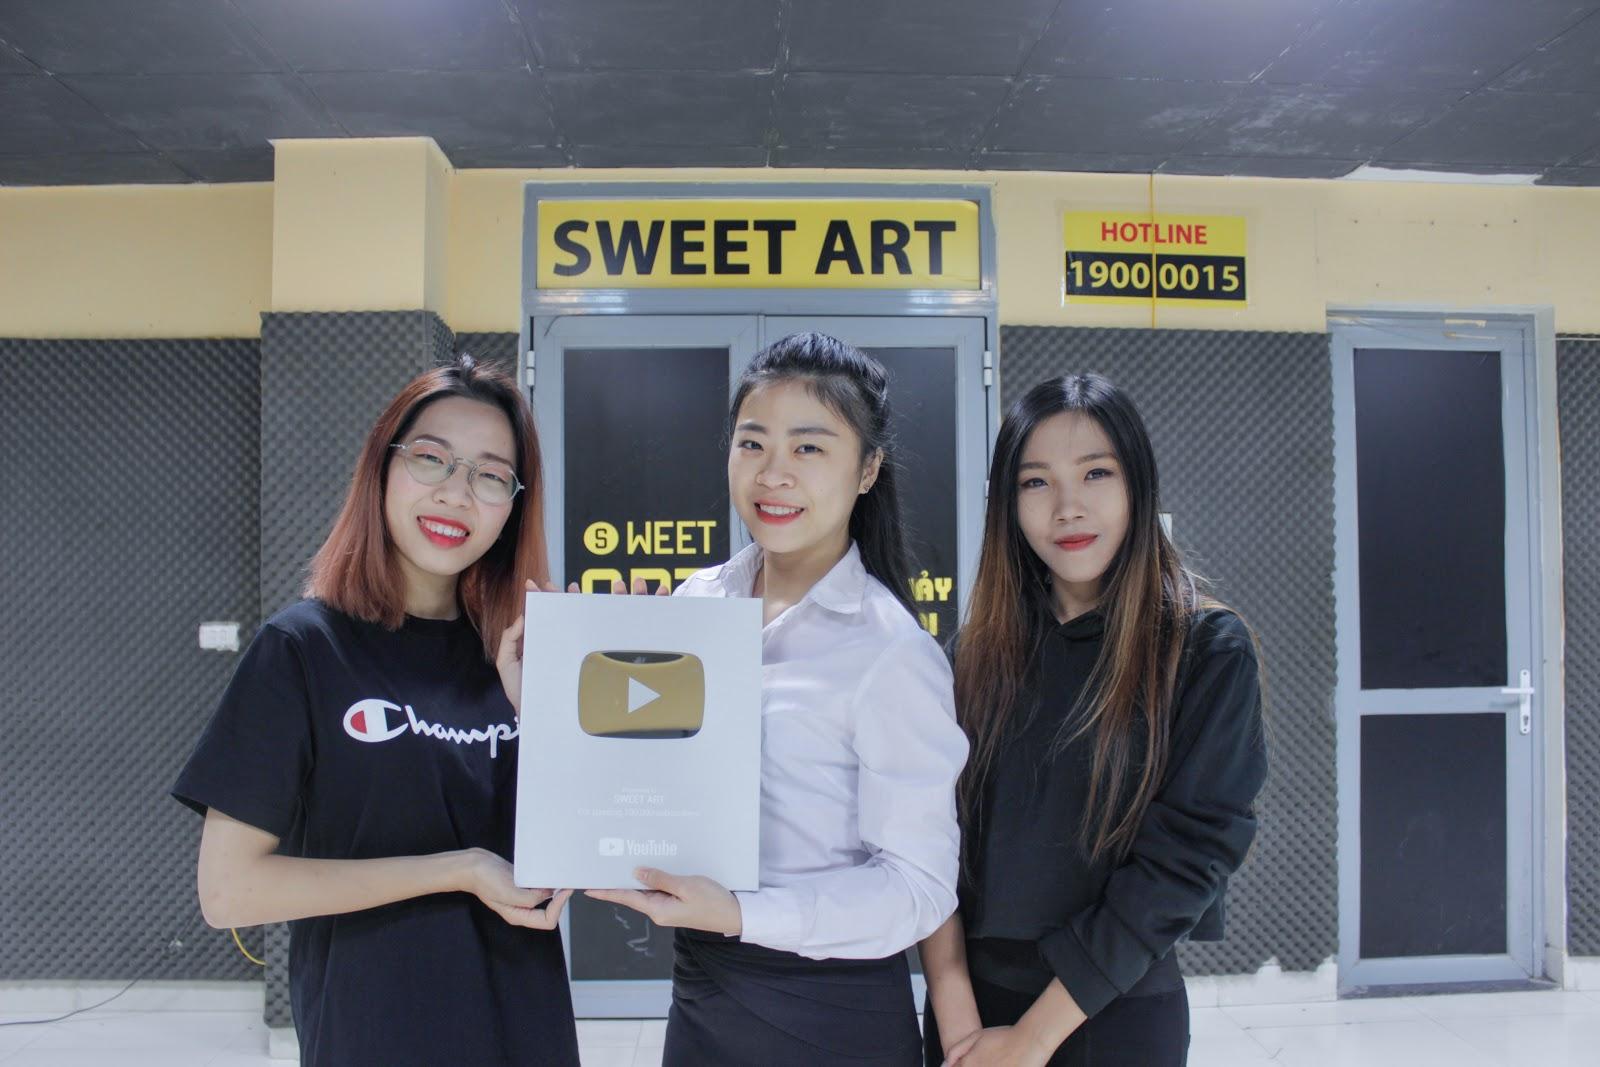 Sweet Art chinh phục nút bạc Youtube – Hành trình của một trung tâm học nhảy vô danh - Ảnh 4.